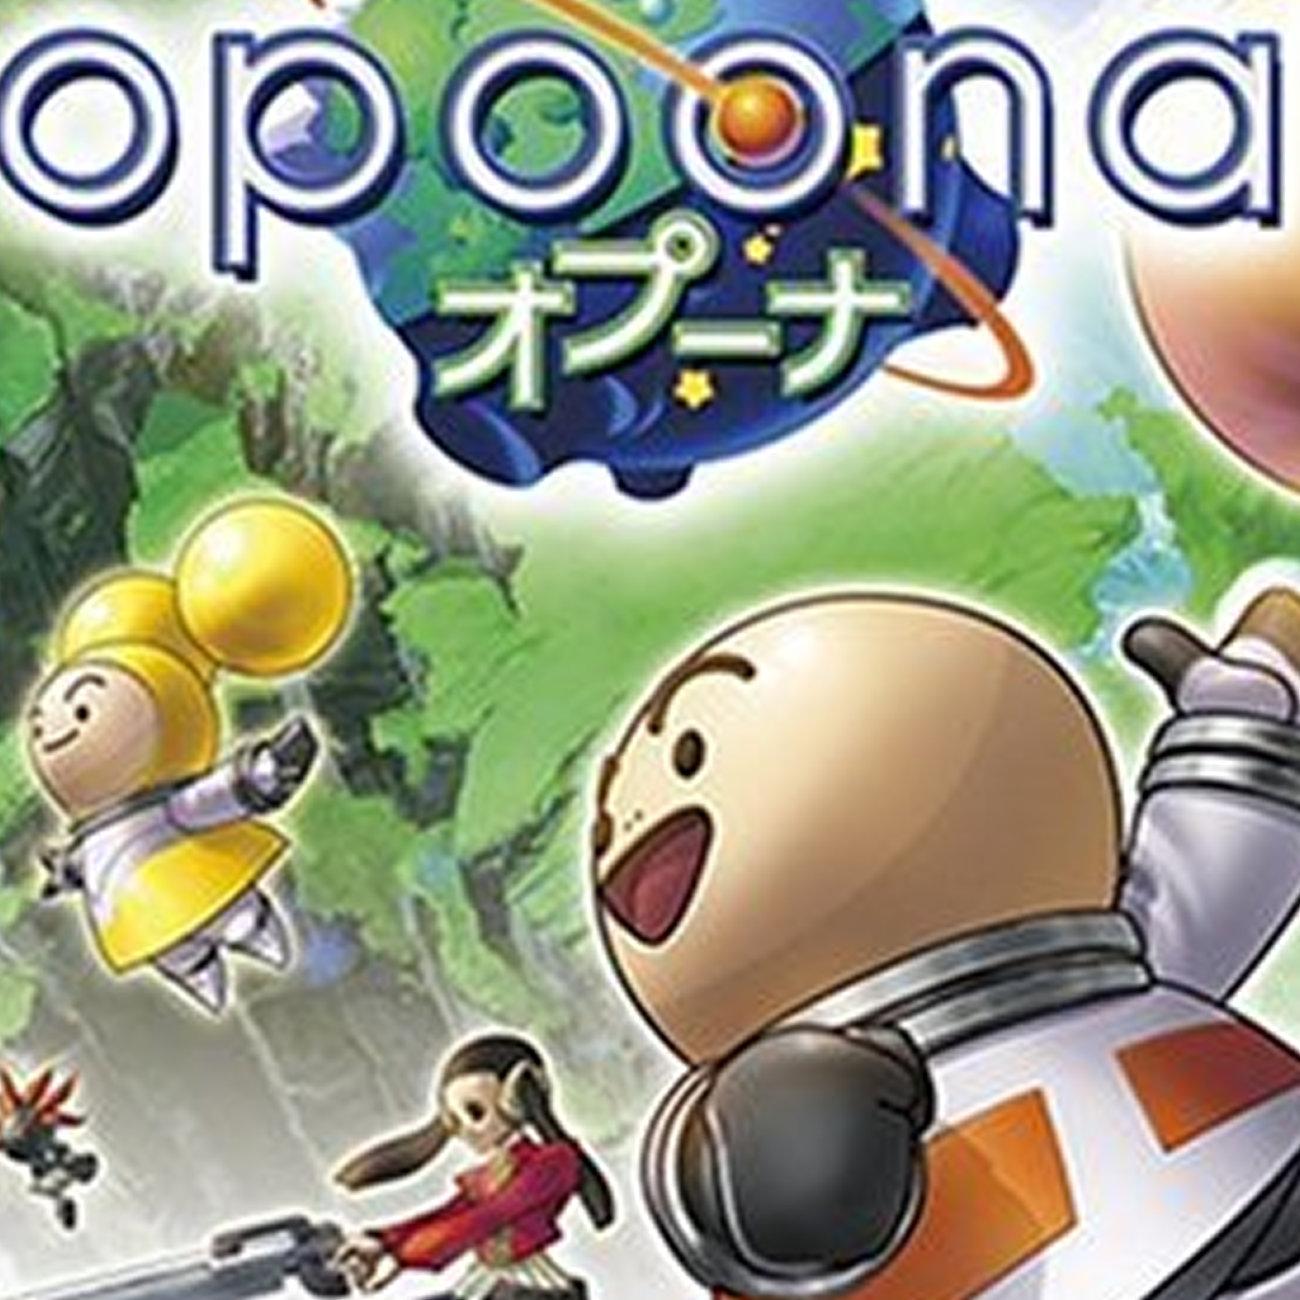 オプーナ、新作が発売されそう。堀井雄二氏の紹介でワゴン伝説